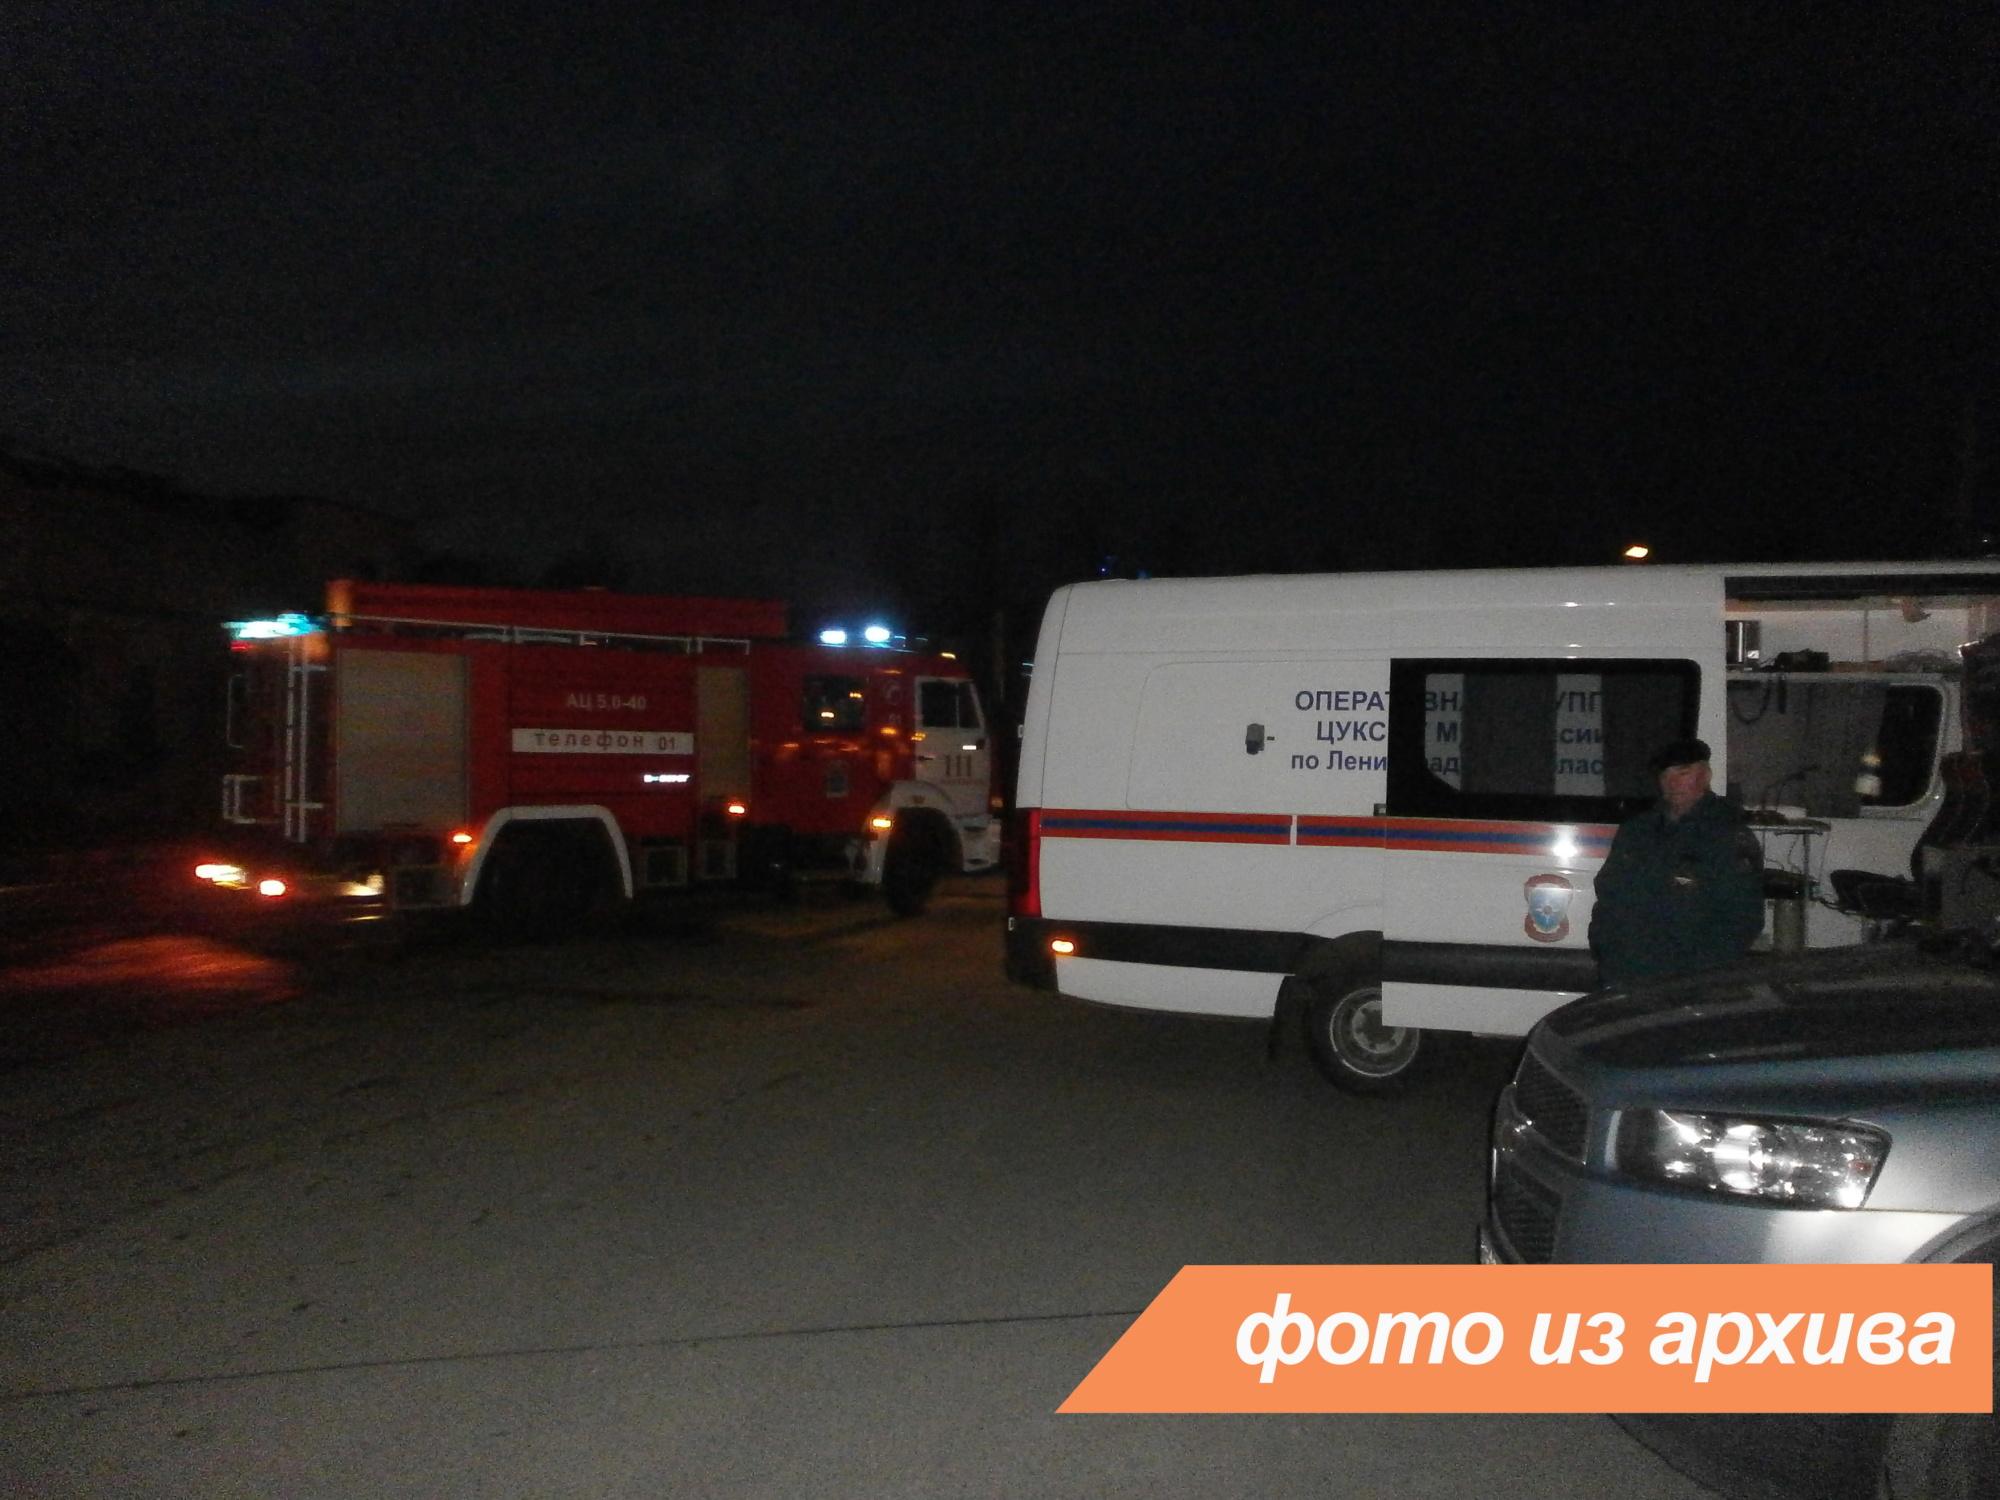 Спасатели Ленинградской области приняли участие в ликвидации последствий ДТП в Лужском районе